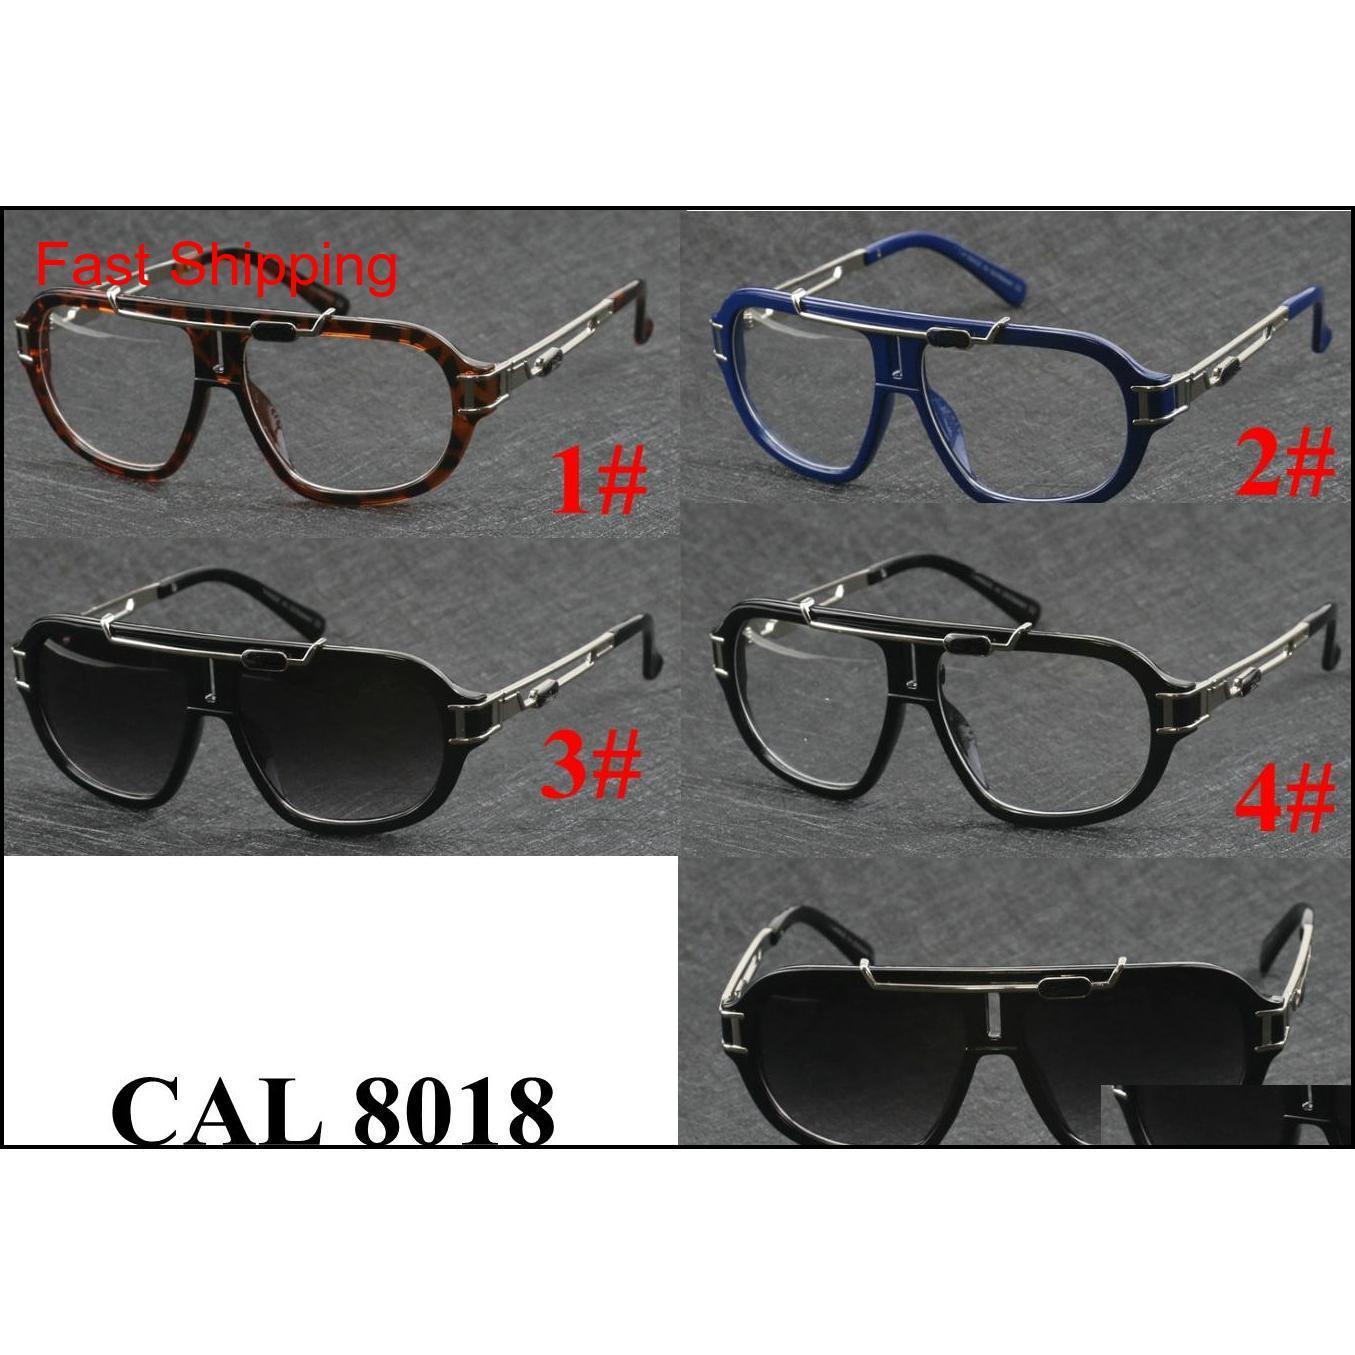 Moda Tasarımcısı Güneş Gözlüğü Kurbağa Ayna Rahat Güneş Gözlüğü Siyah Çerçeve Şeffaf Lens Gözlük Çerçevesi 8018 Güneş Gözlüğü Br Qylluu HOMES2007